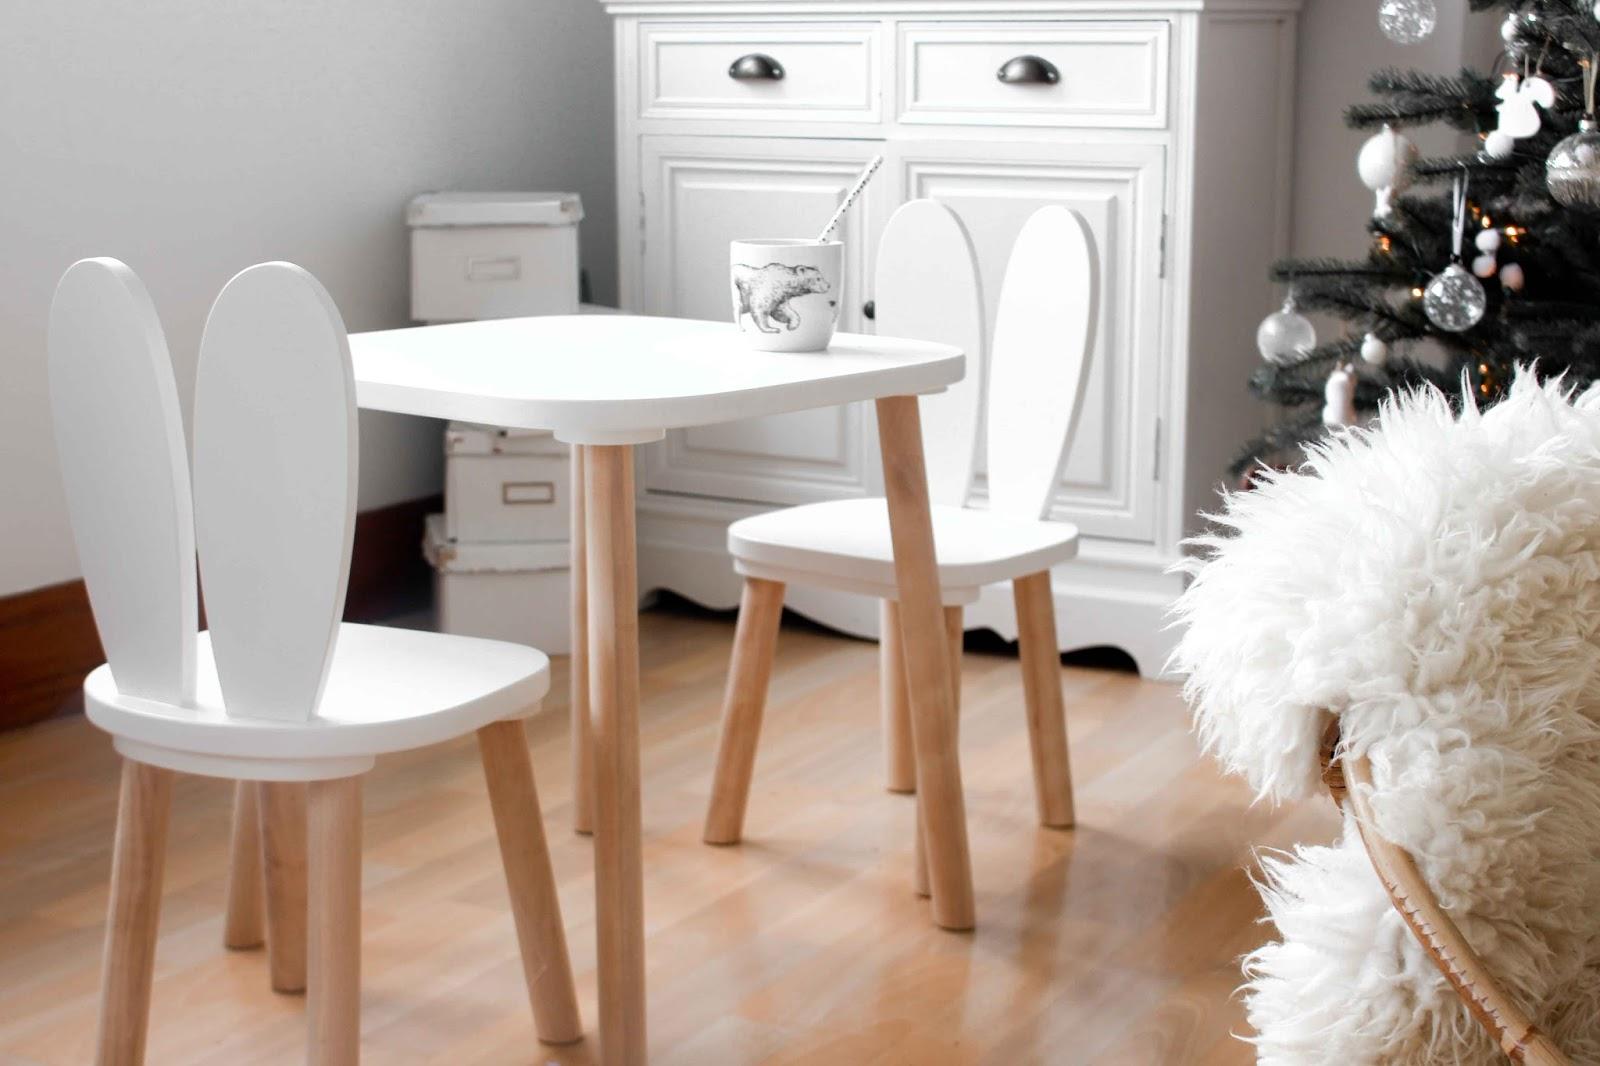 d corer son int rieur quand on est assistante maternelle lola etc t ra. Black Bedroom Furniture Sets. Home Design Ideas